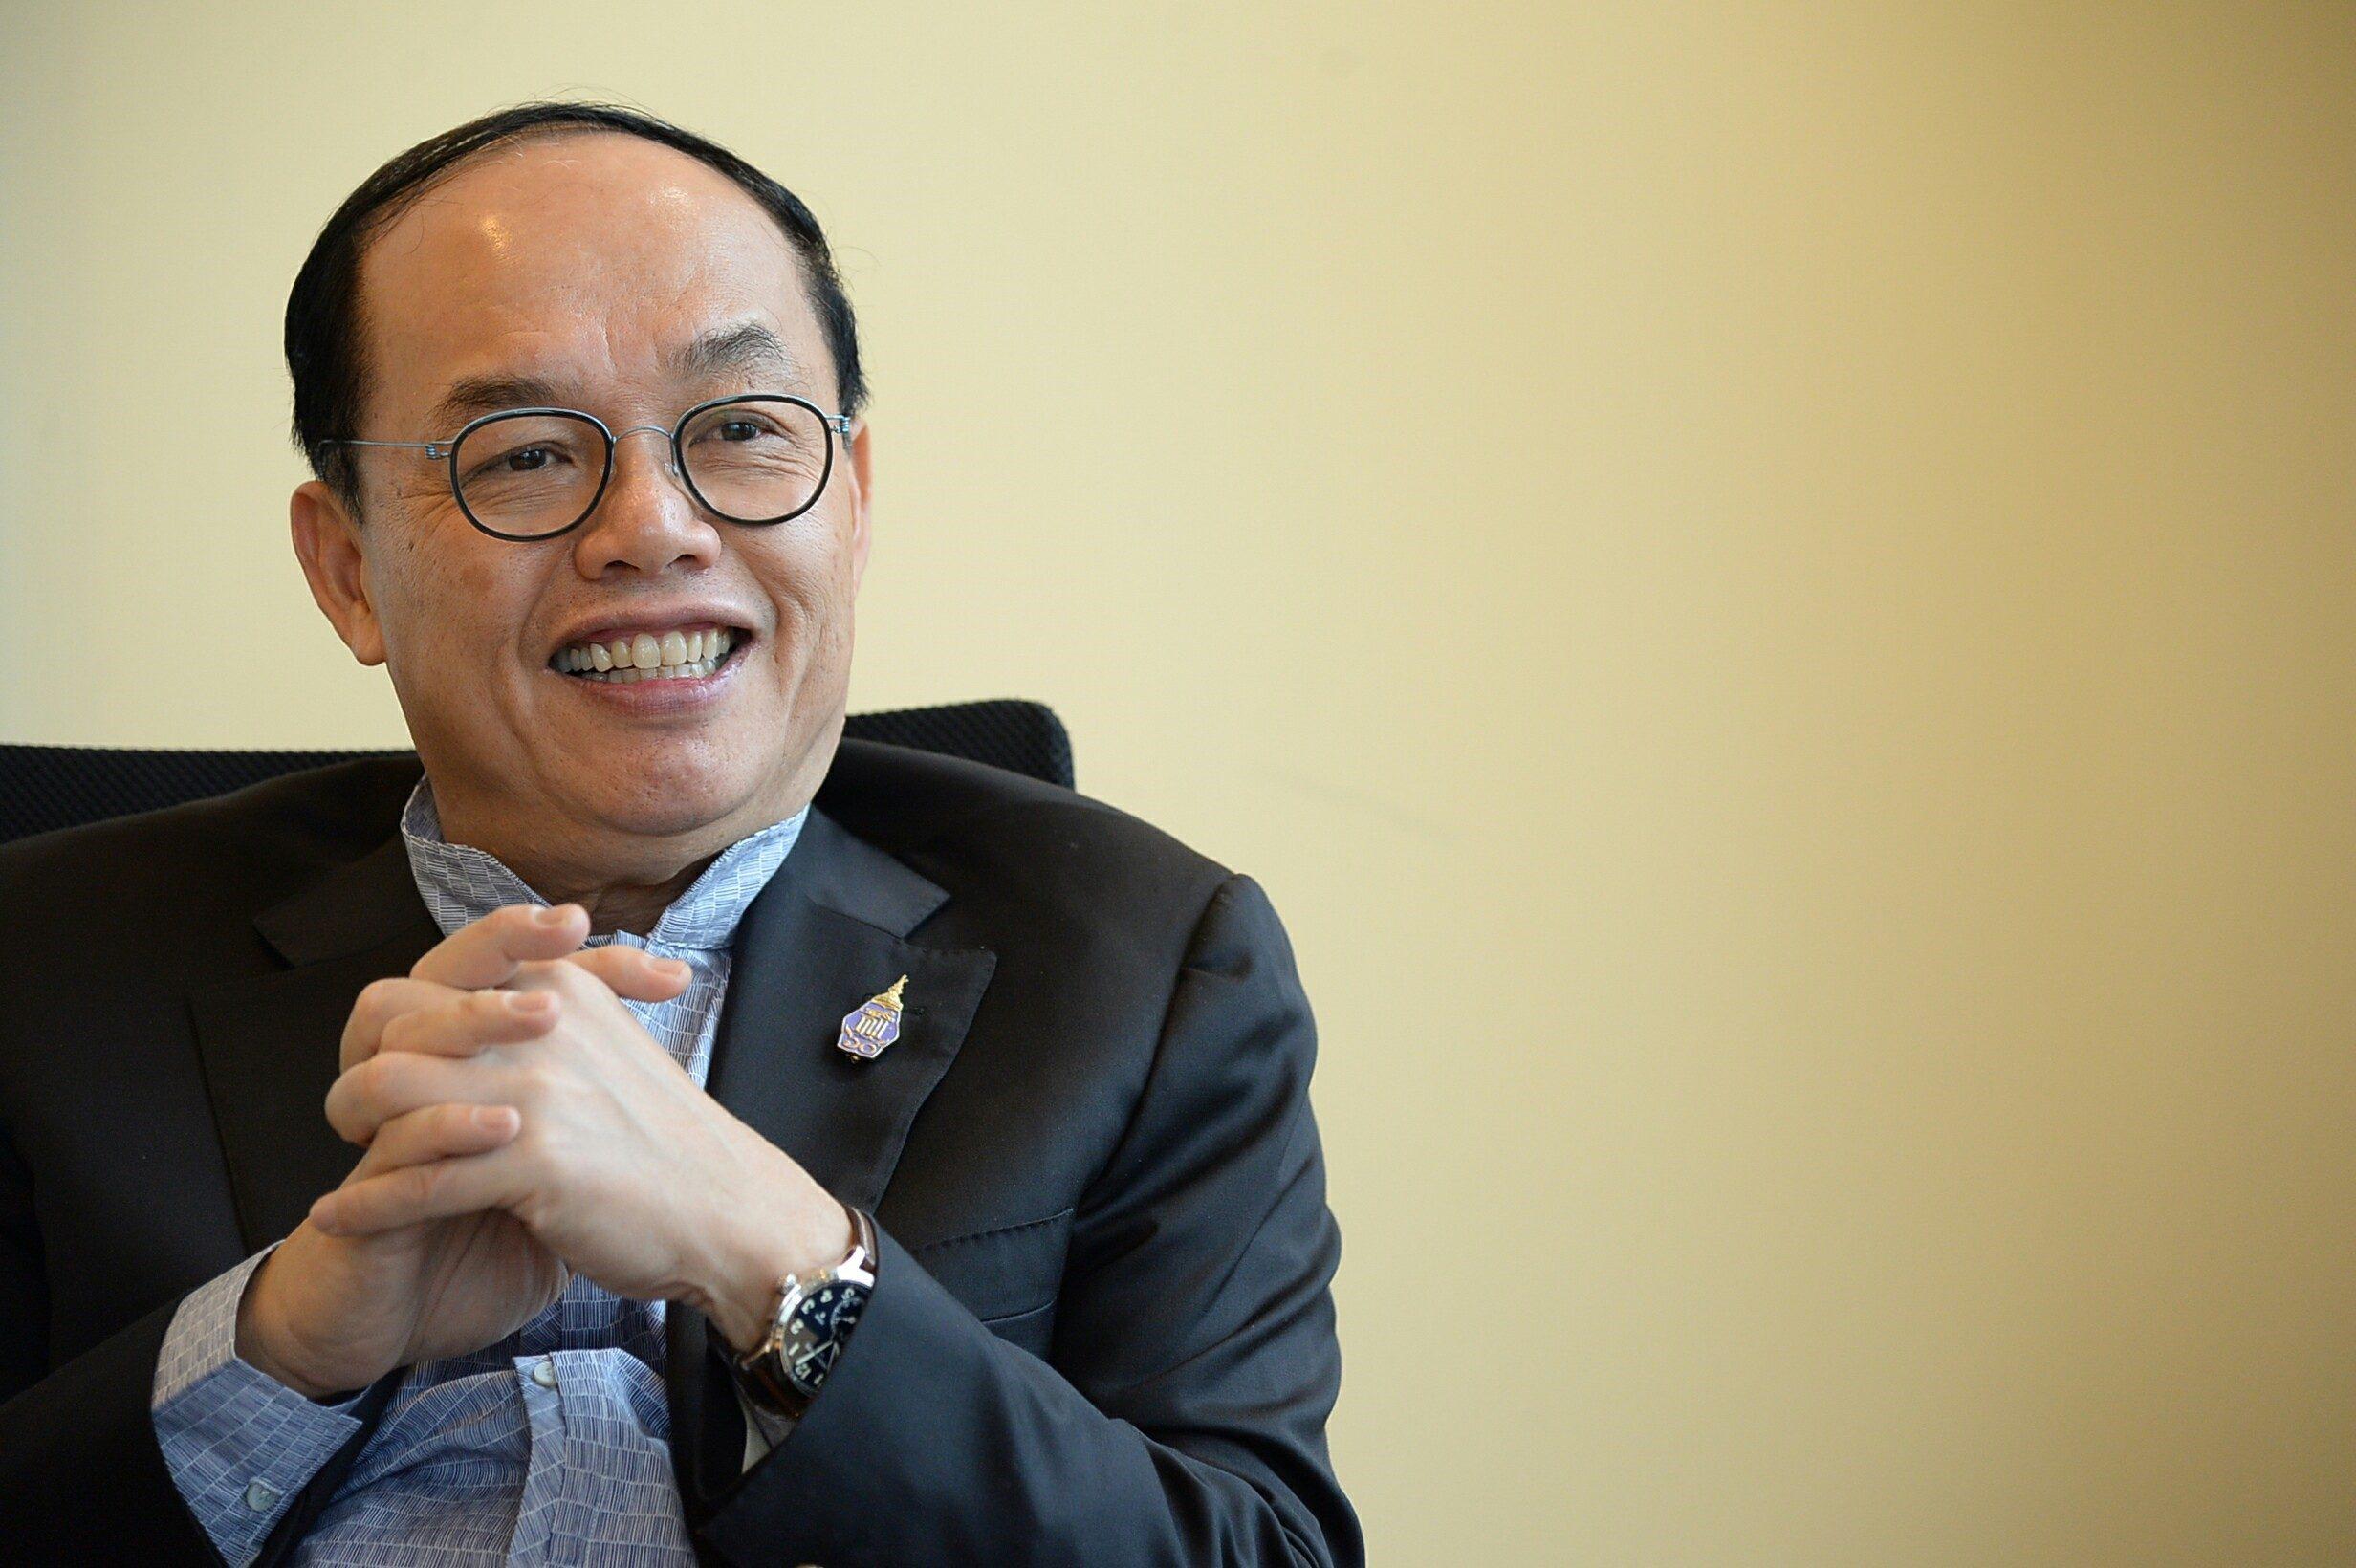 ข้อเสนอ : ช่วยเหลือประชาชนและการปรับโครงสร้างภาษีไทยหลัง Covid-19